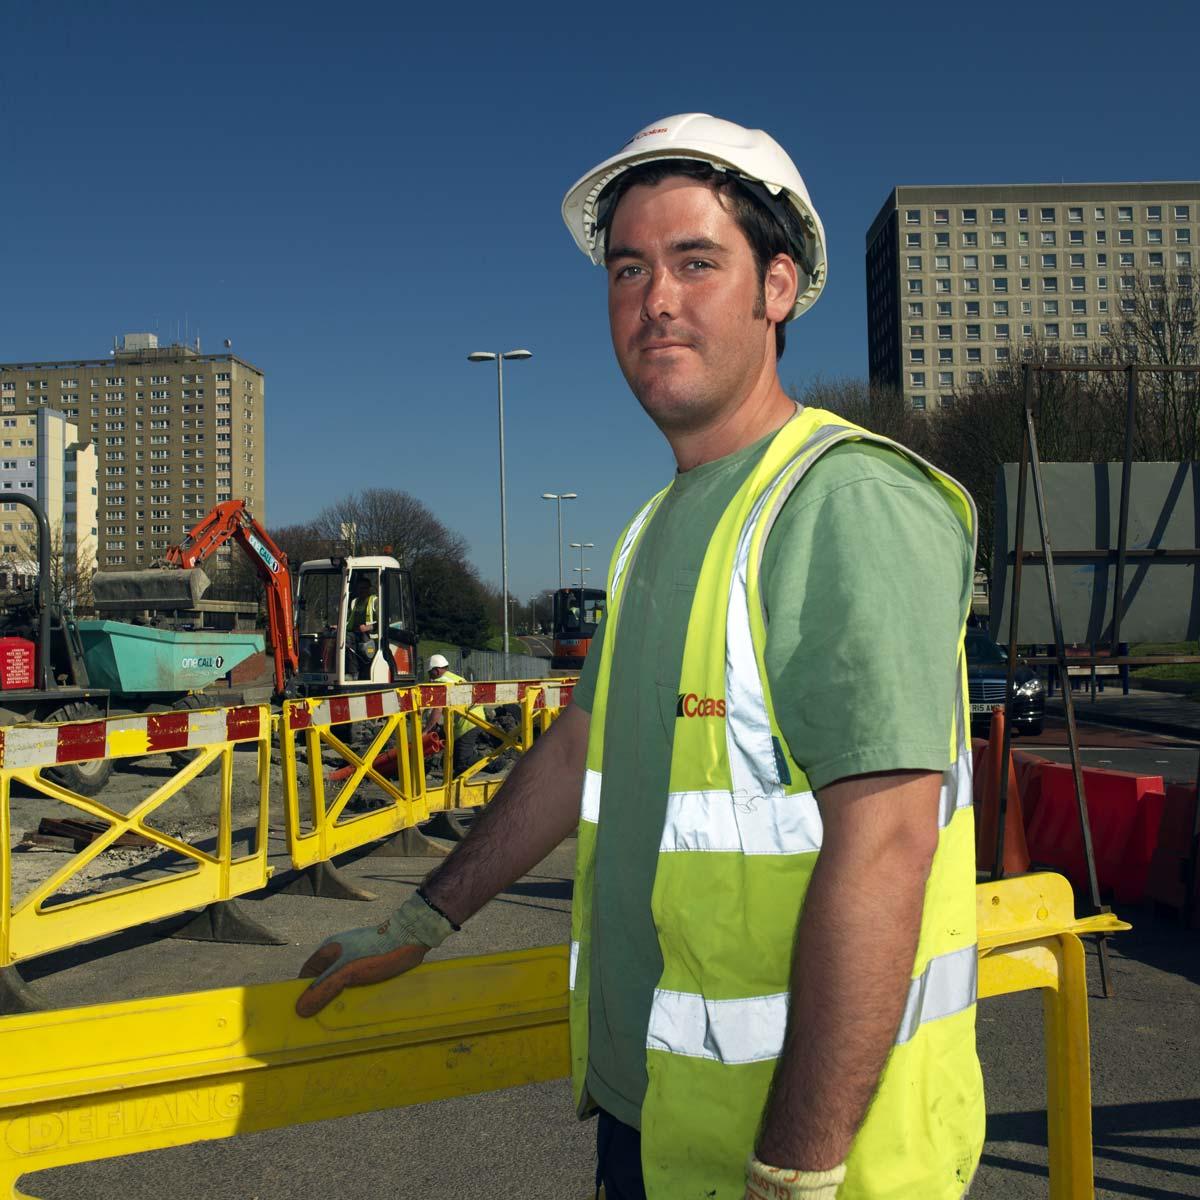 Travaux de réfection de chaussées à Portsmouth